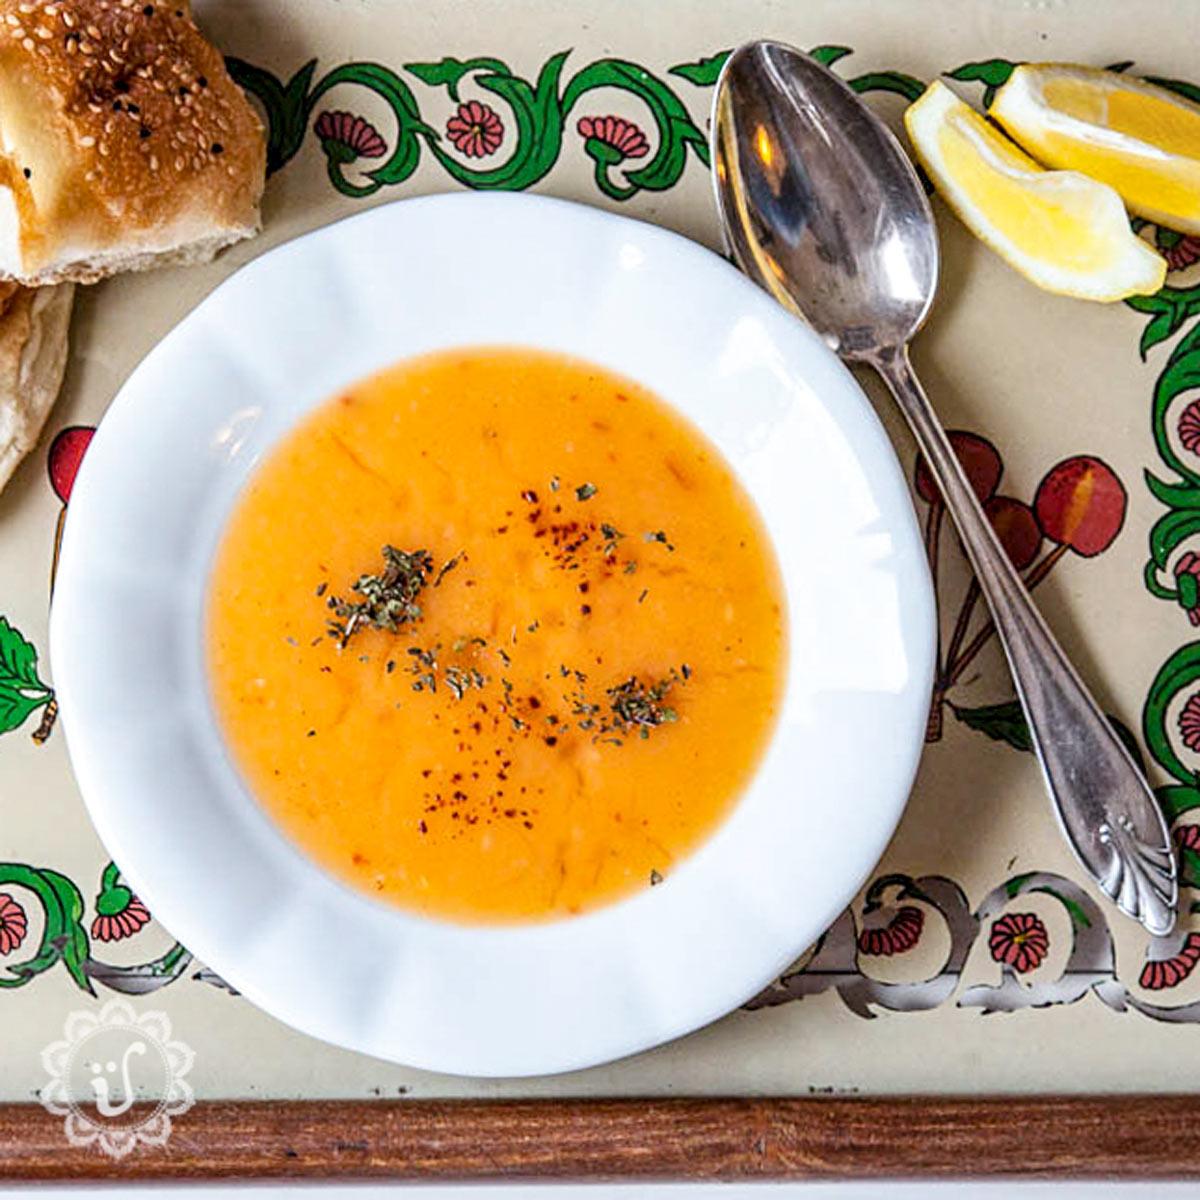 Türkische Tarhana Suppe, Tarhana Çorbası, Päckchensuppe, Tütensuppe, Tarhanamehl, Tarhanapulver, Tarana, Instant Suppe, Ur-Tütensuppe, traditionell, türkische, Suppe, schnell, lecker